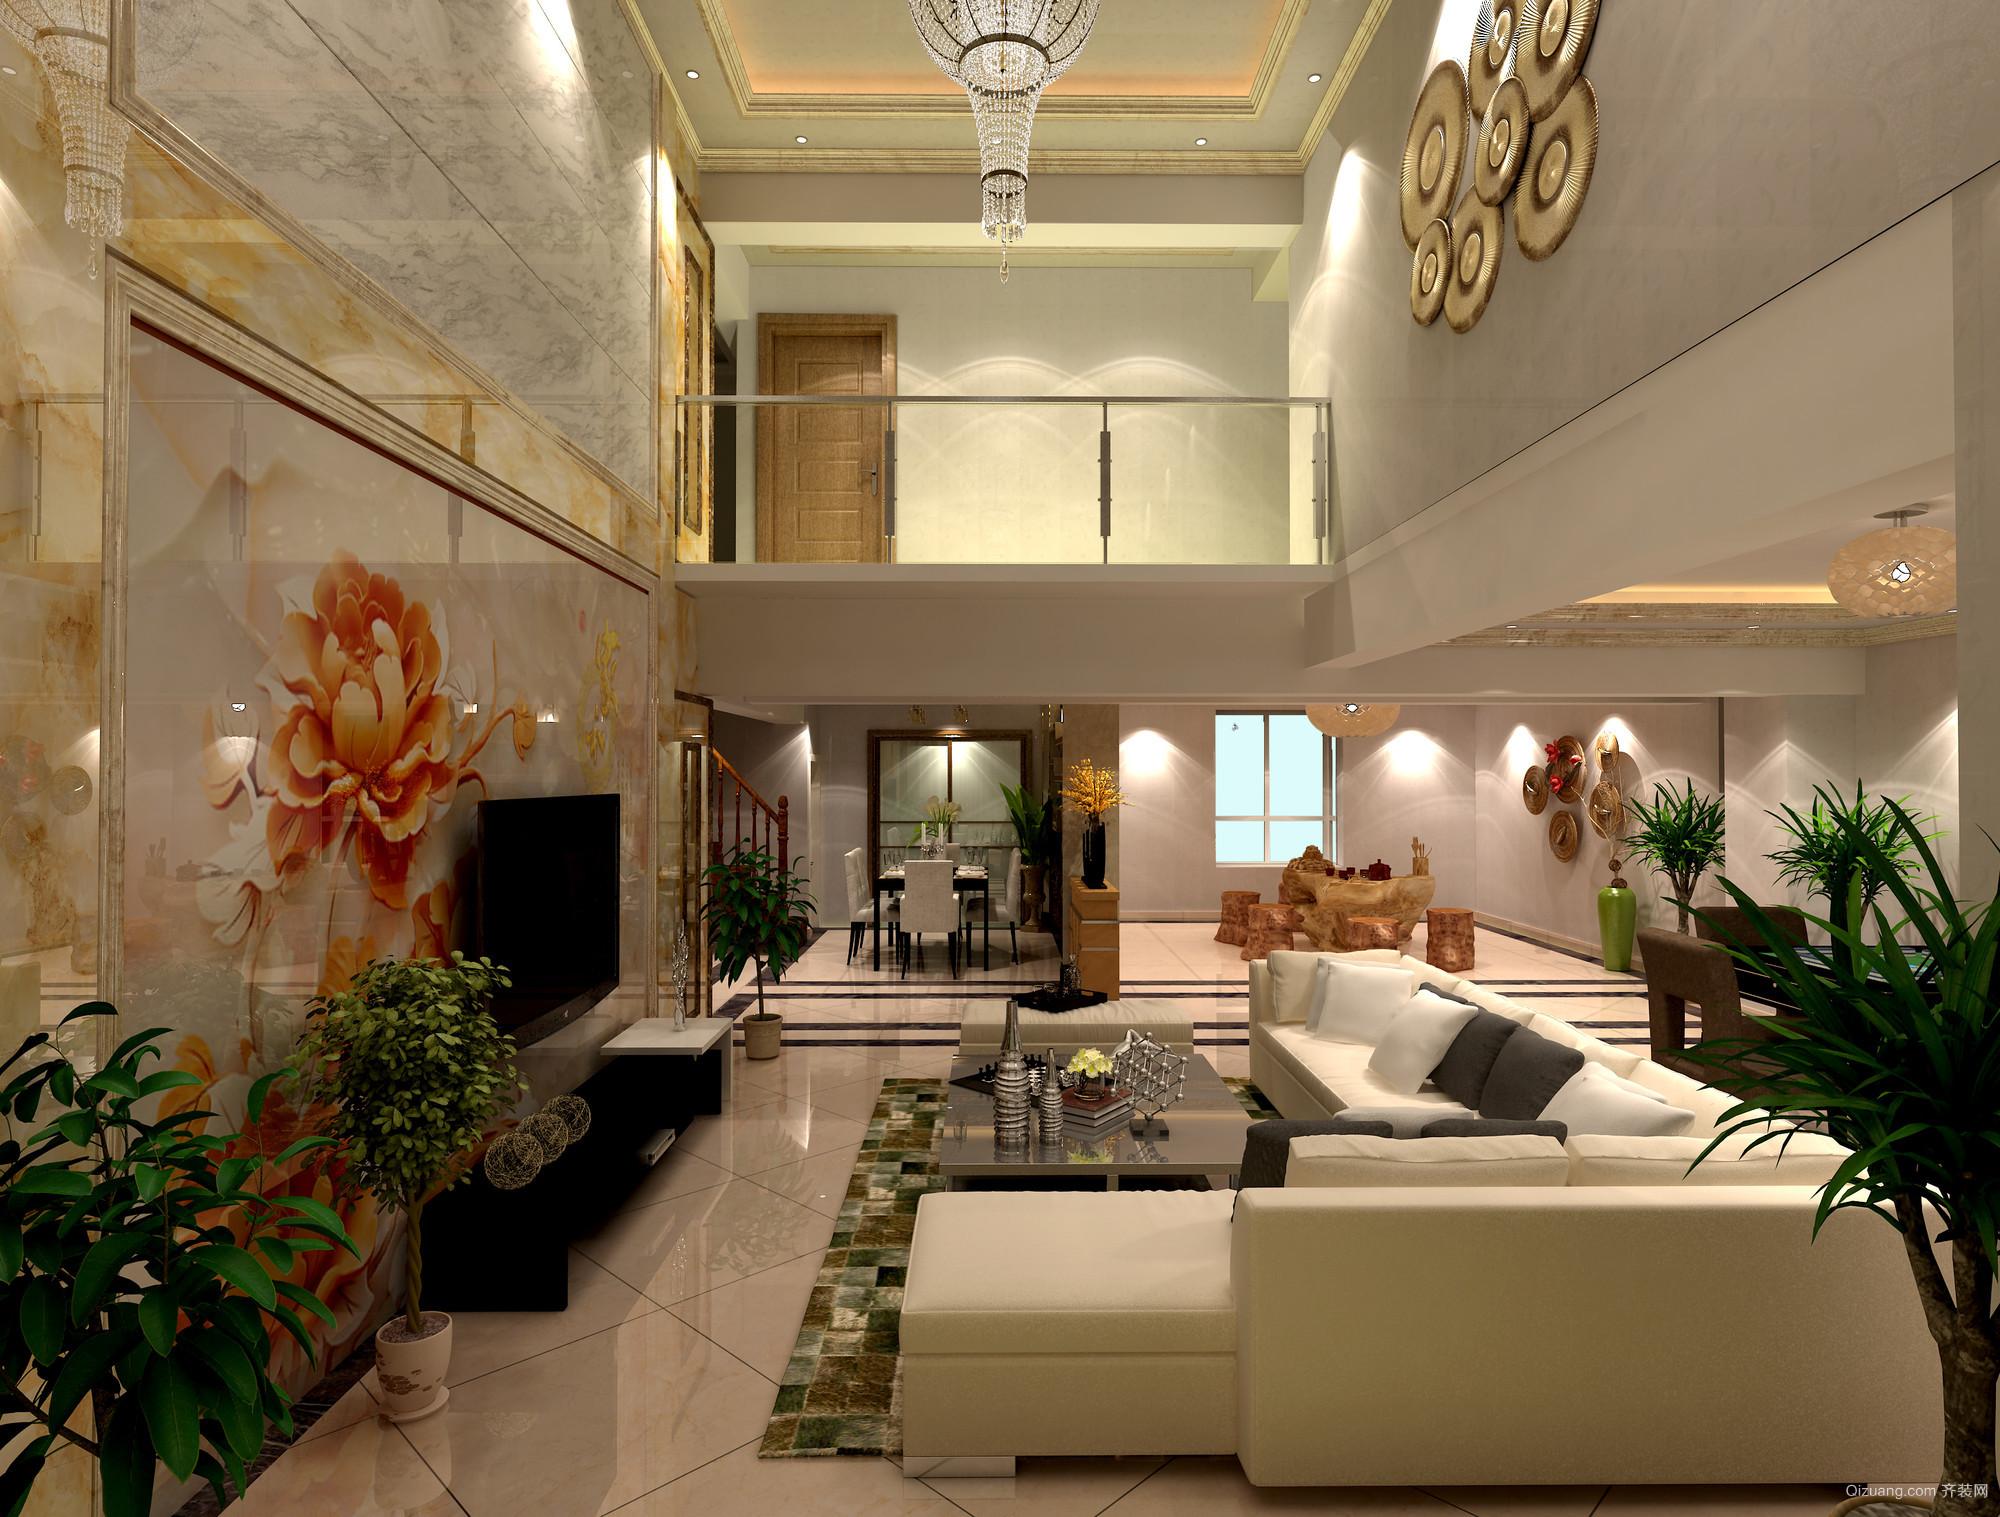 财富中心混搭风格装修效果图实景图